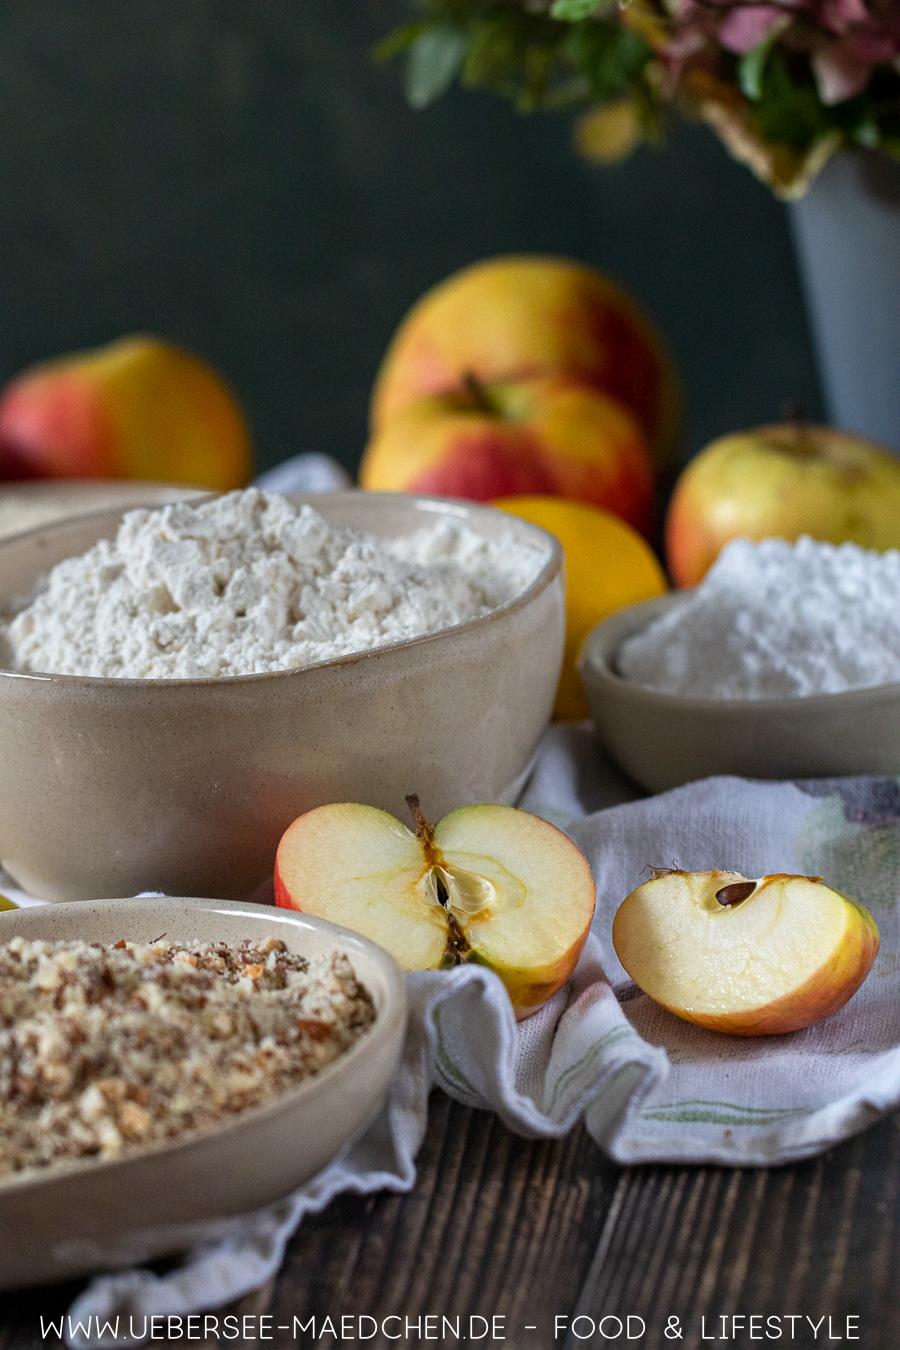 Ein Kuchenrezept mit vielen Äpfeln: Gedeckter Apfelkuchen